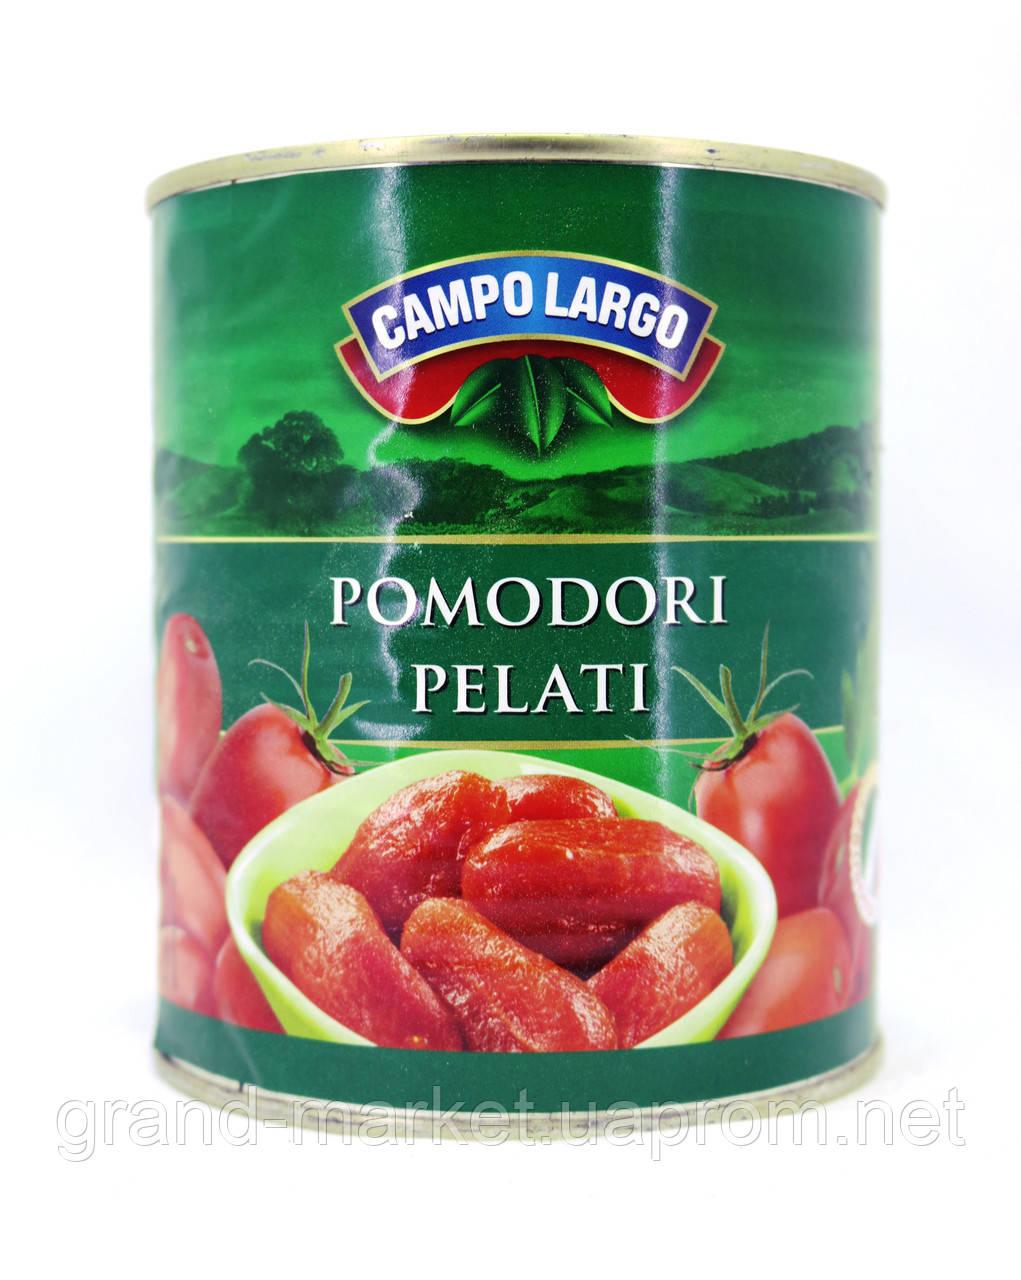 Томаты целые очищенные Campo Largo Pomodori pelati, 800g